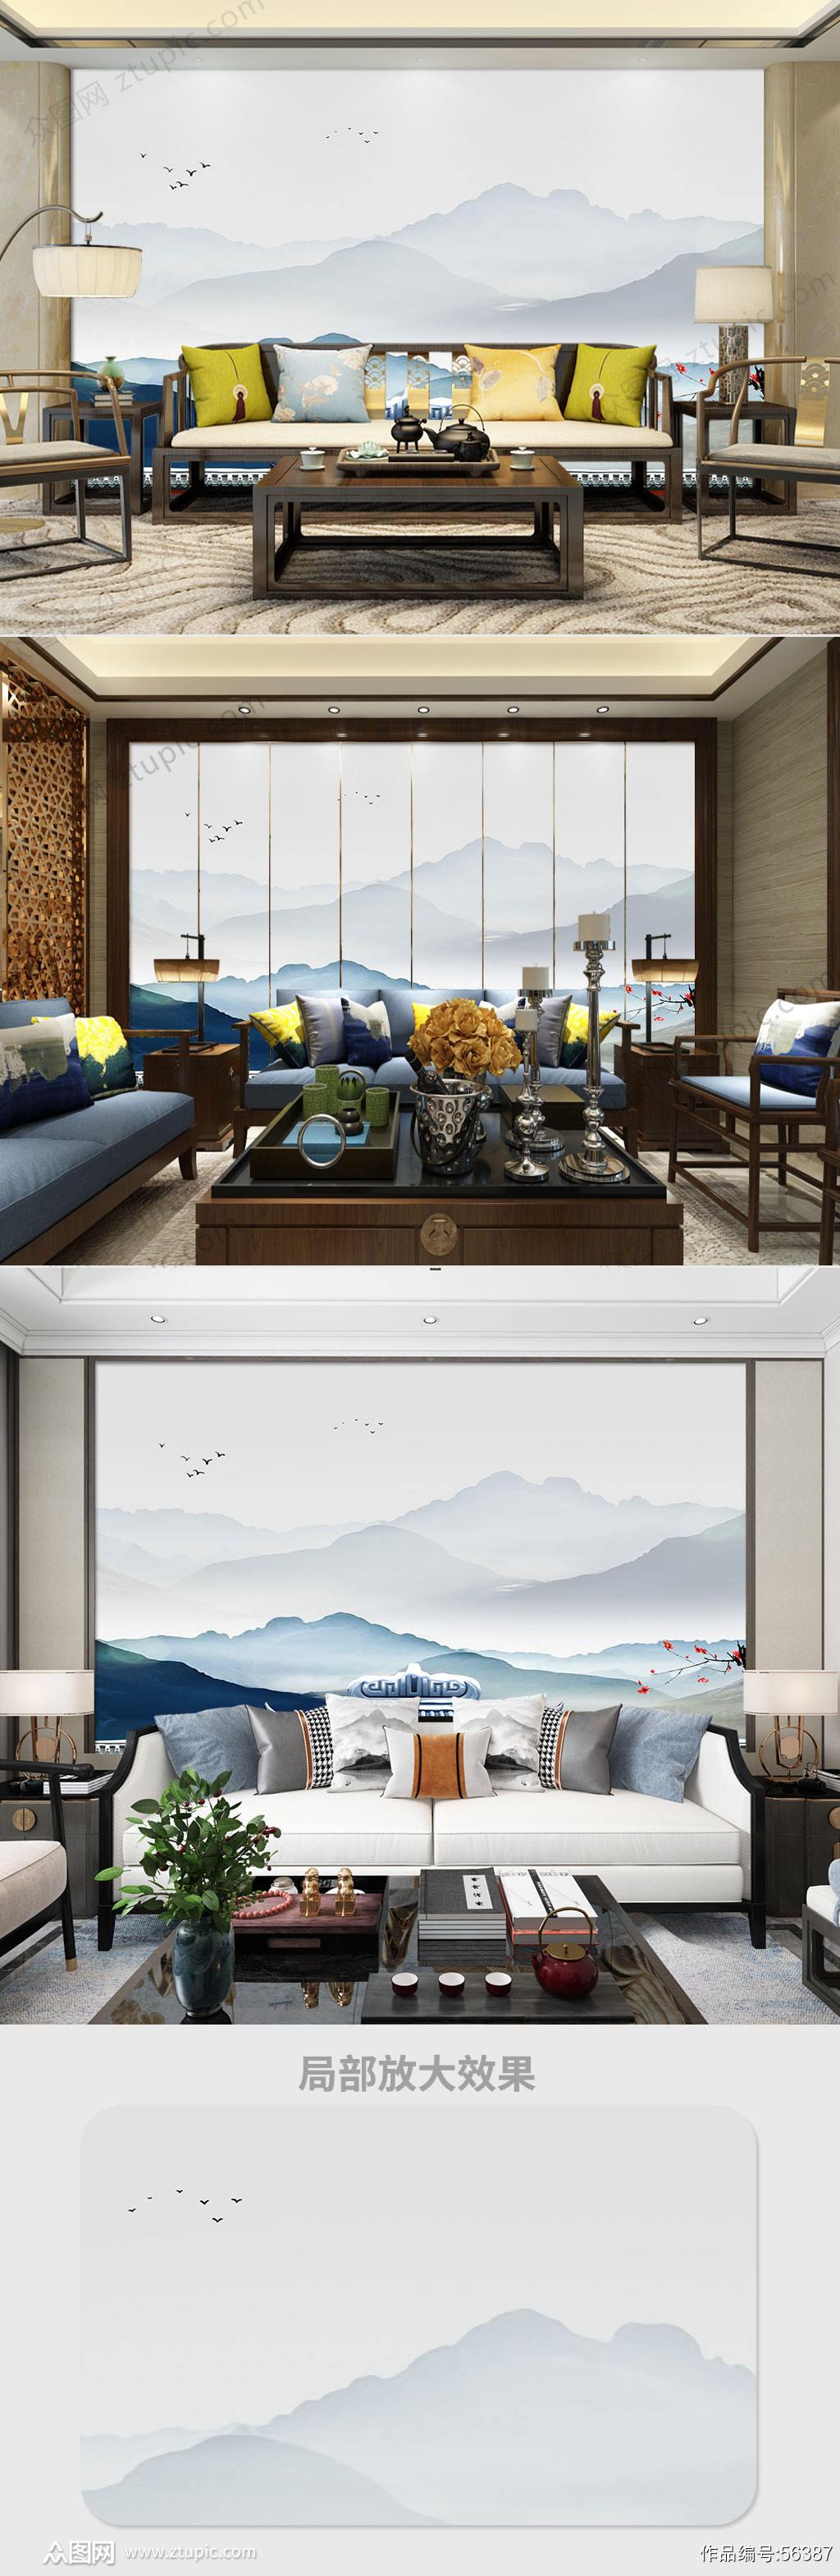 意境蓝色水墨远山背景墙素材